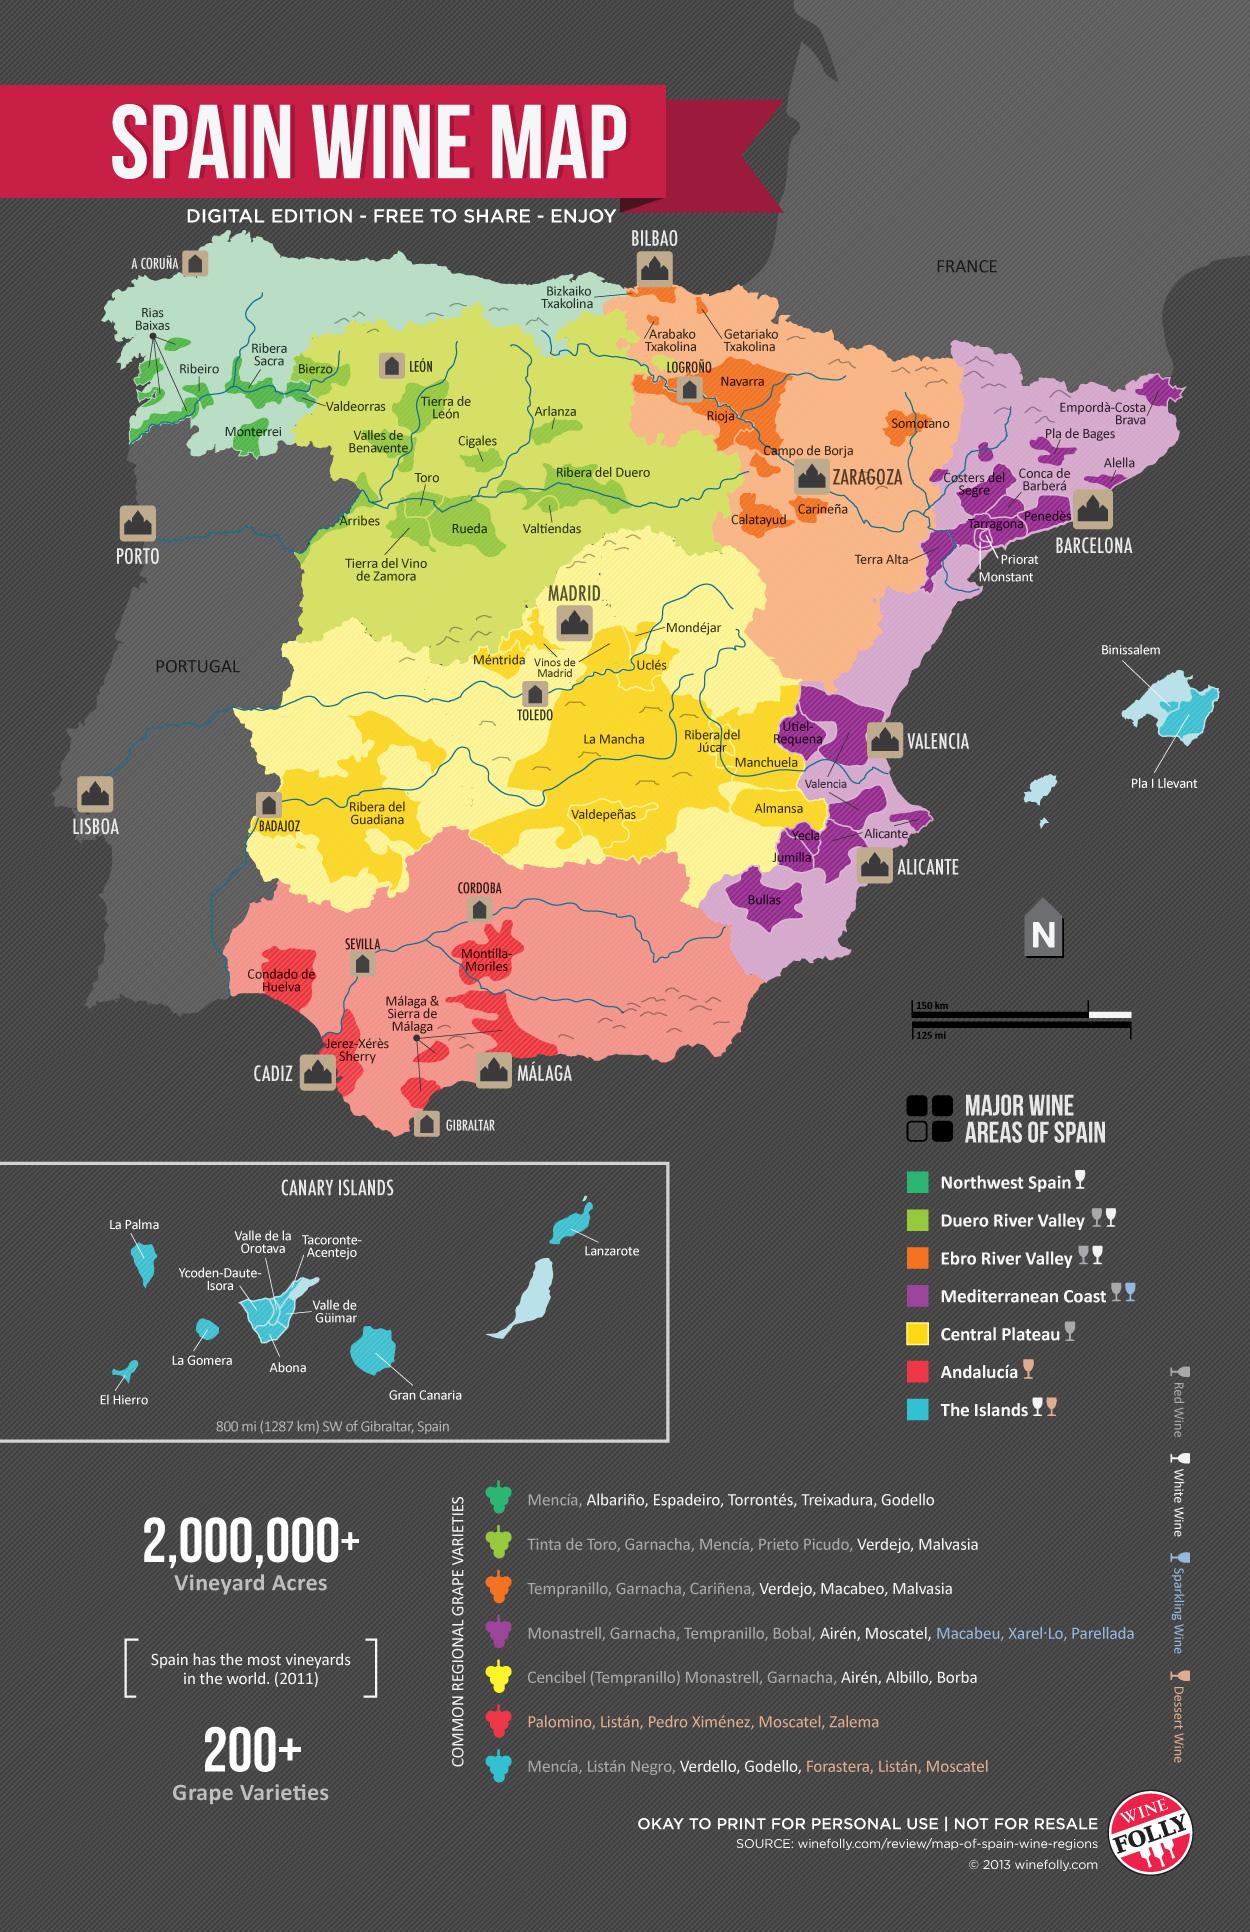 Spain-Wine-Region-Map-wine-folly.jpg